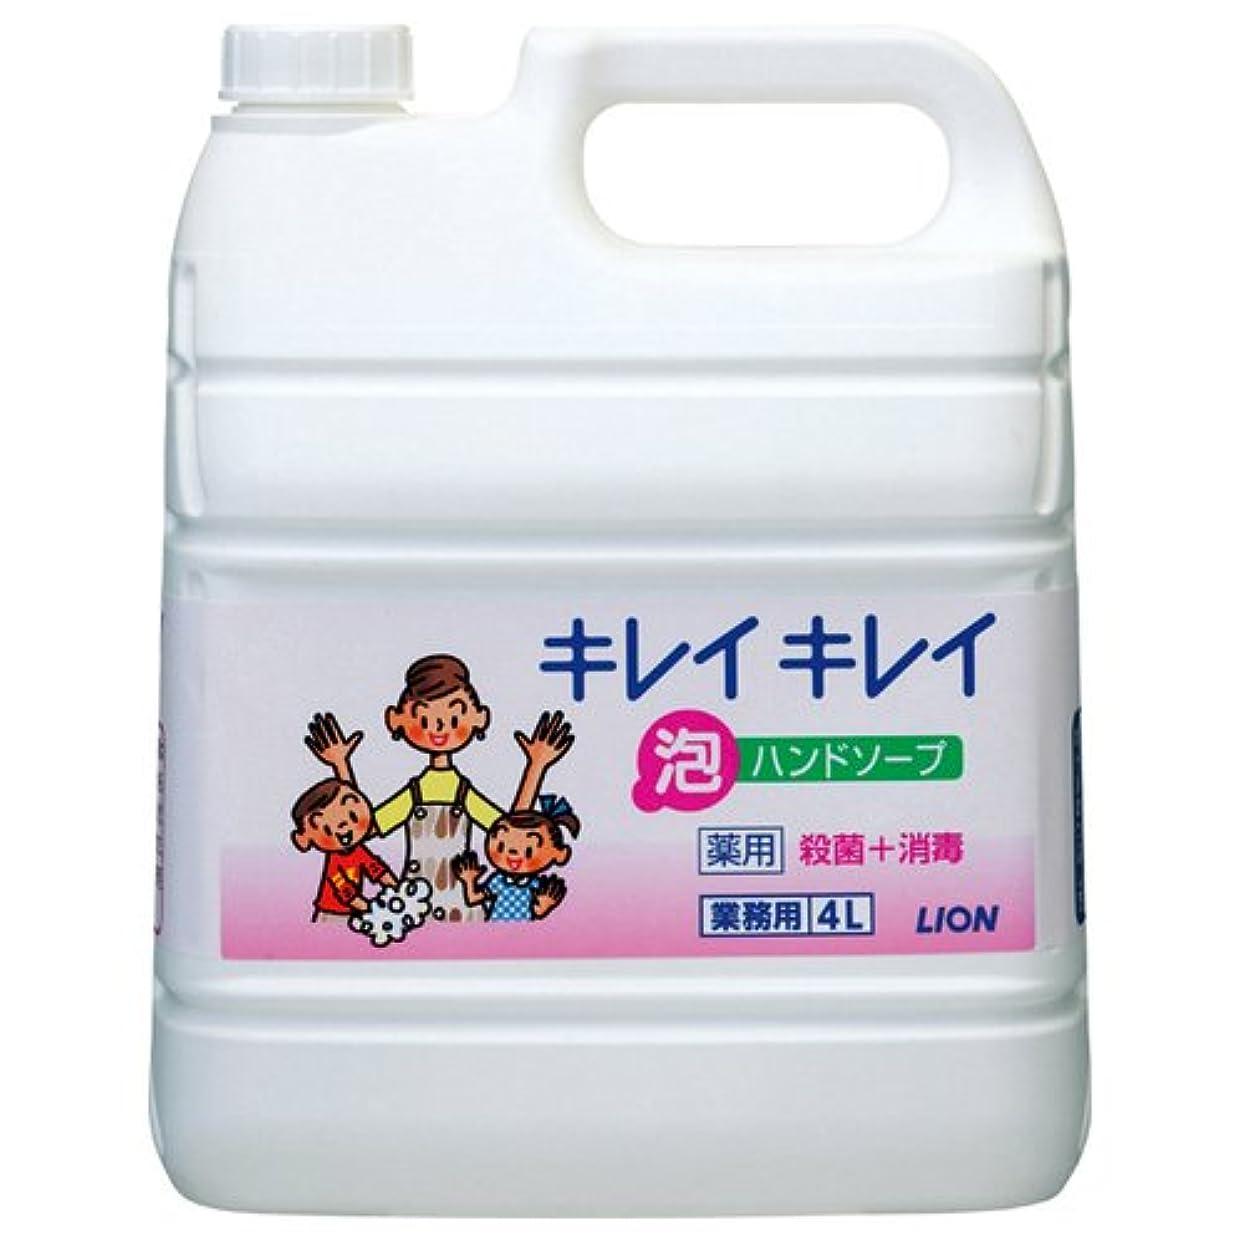 バズスクリュー呼吸する[ライオン 1675096] キレイキレイ 薬用泡ハンドソープ 業務用 4L